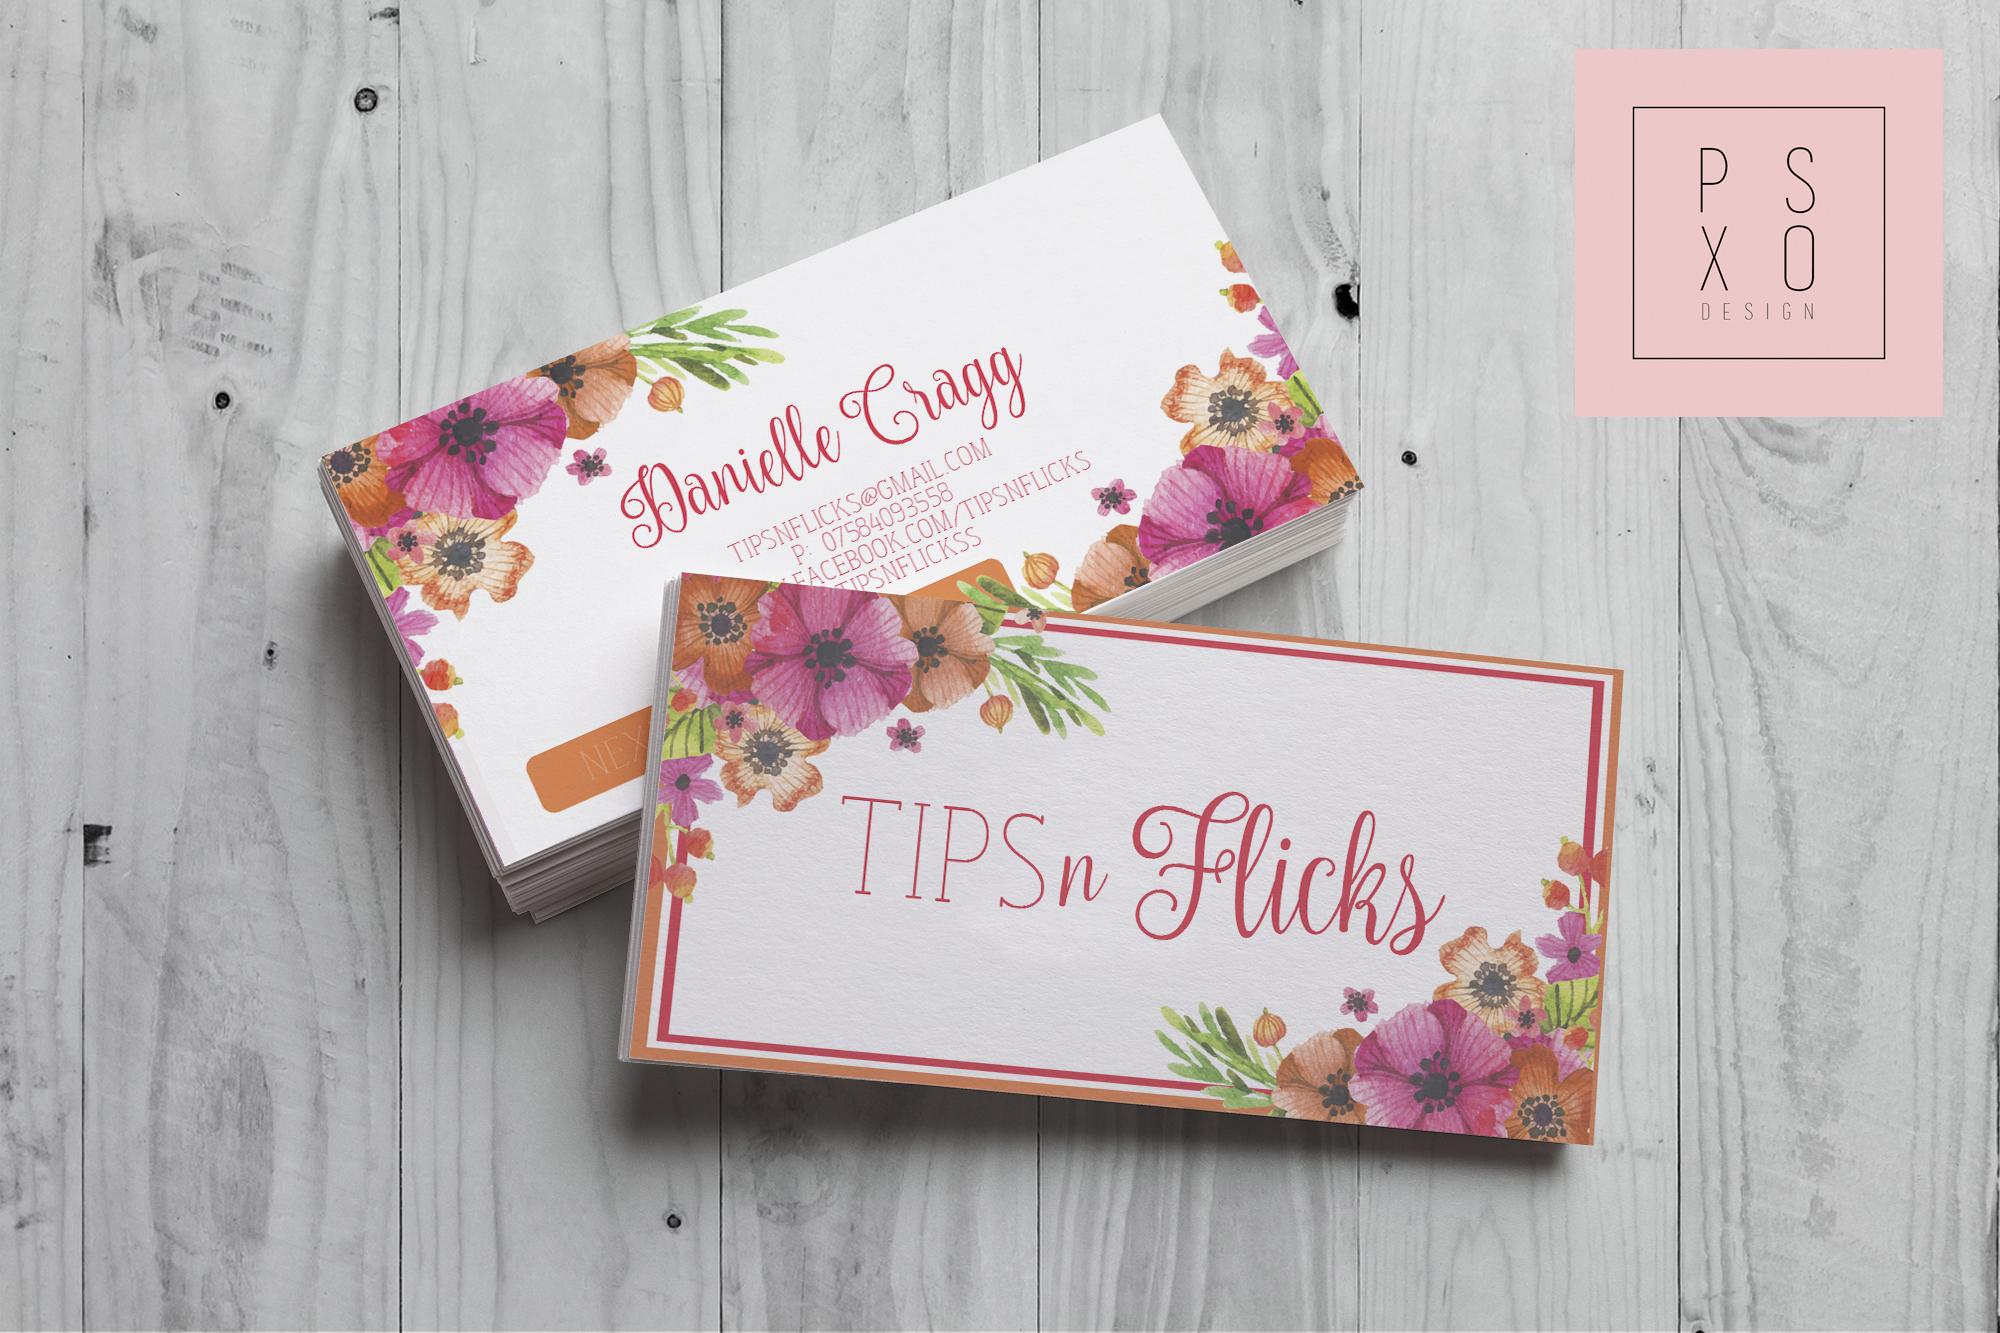 TipsNFlicks